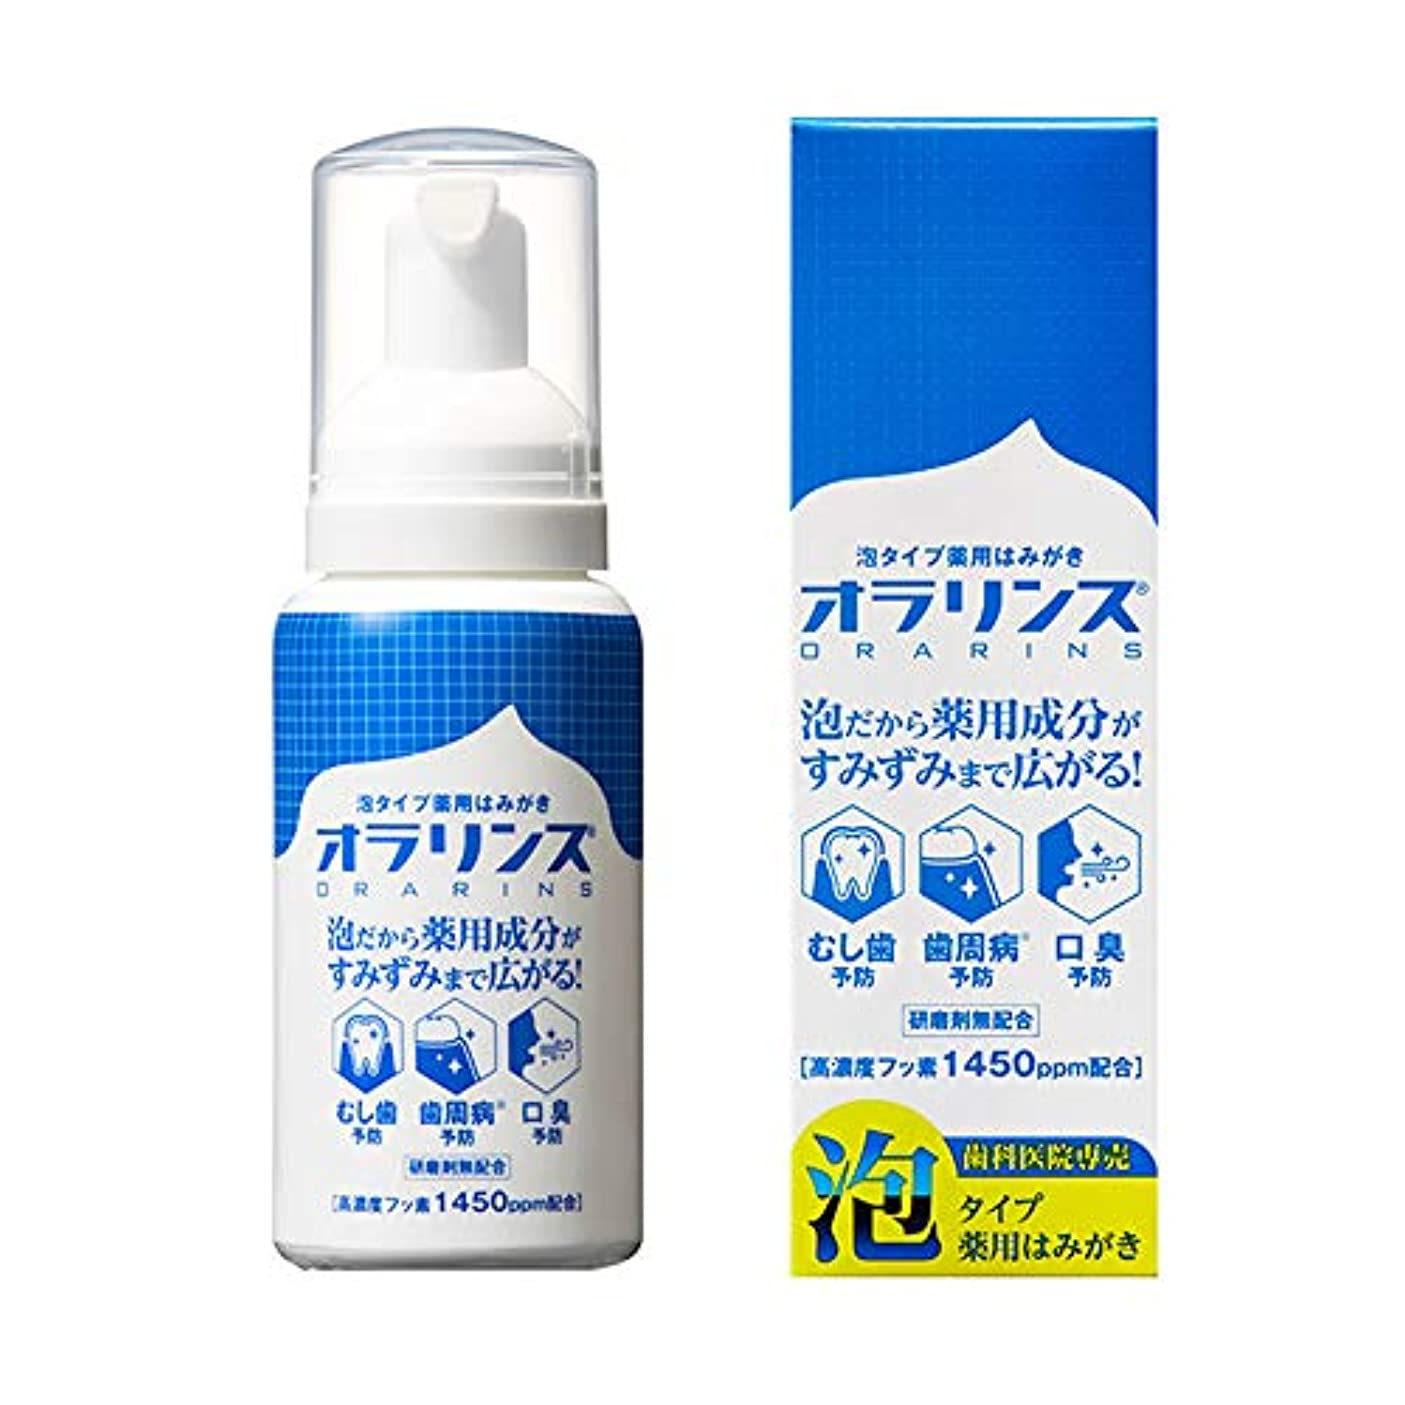 オラリンス80ml 泡タイプ薬用歯磨き フッ素1450ppm 歯科専売品